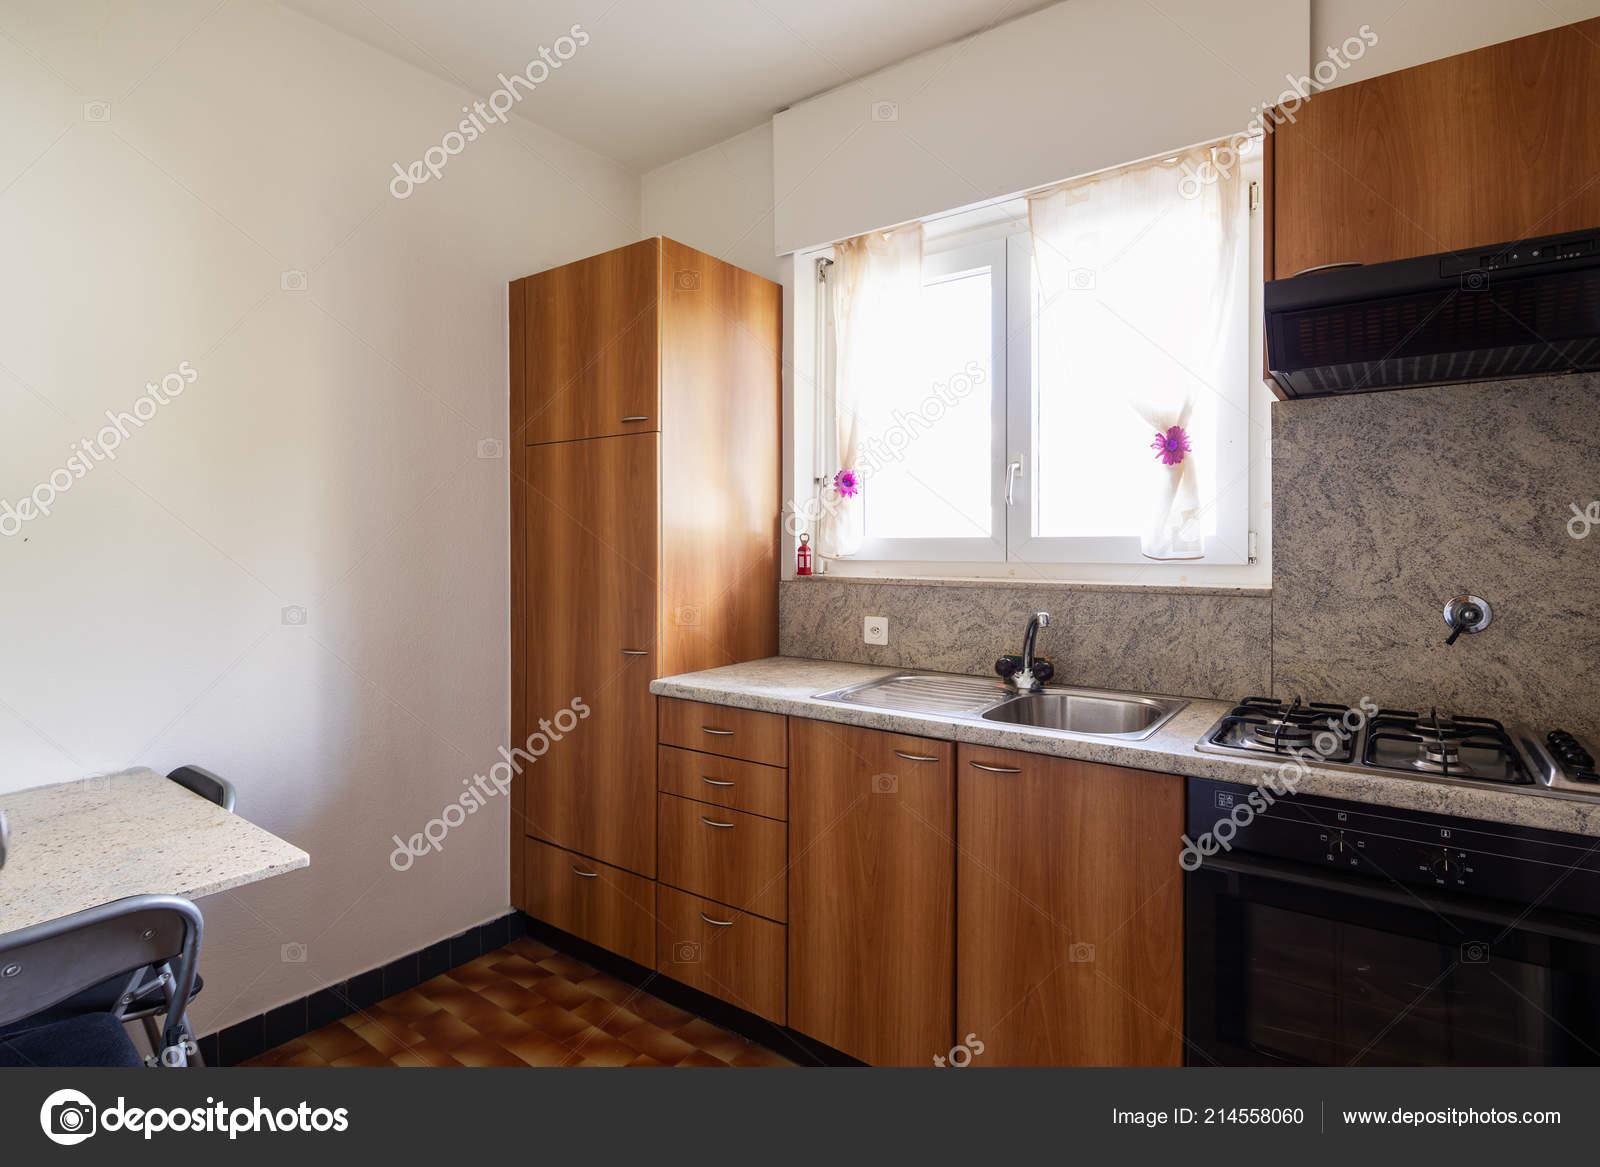 Cucina legno dell annata piastrelle luminosa finestra nessuno all